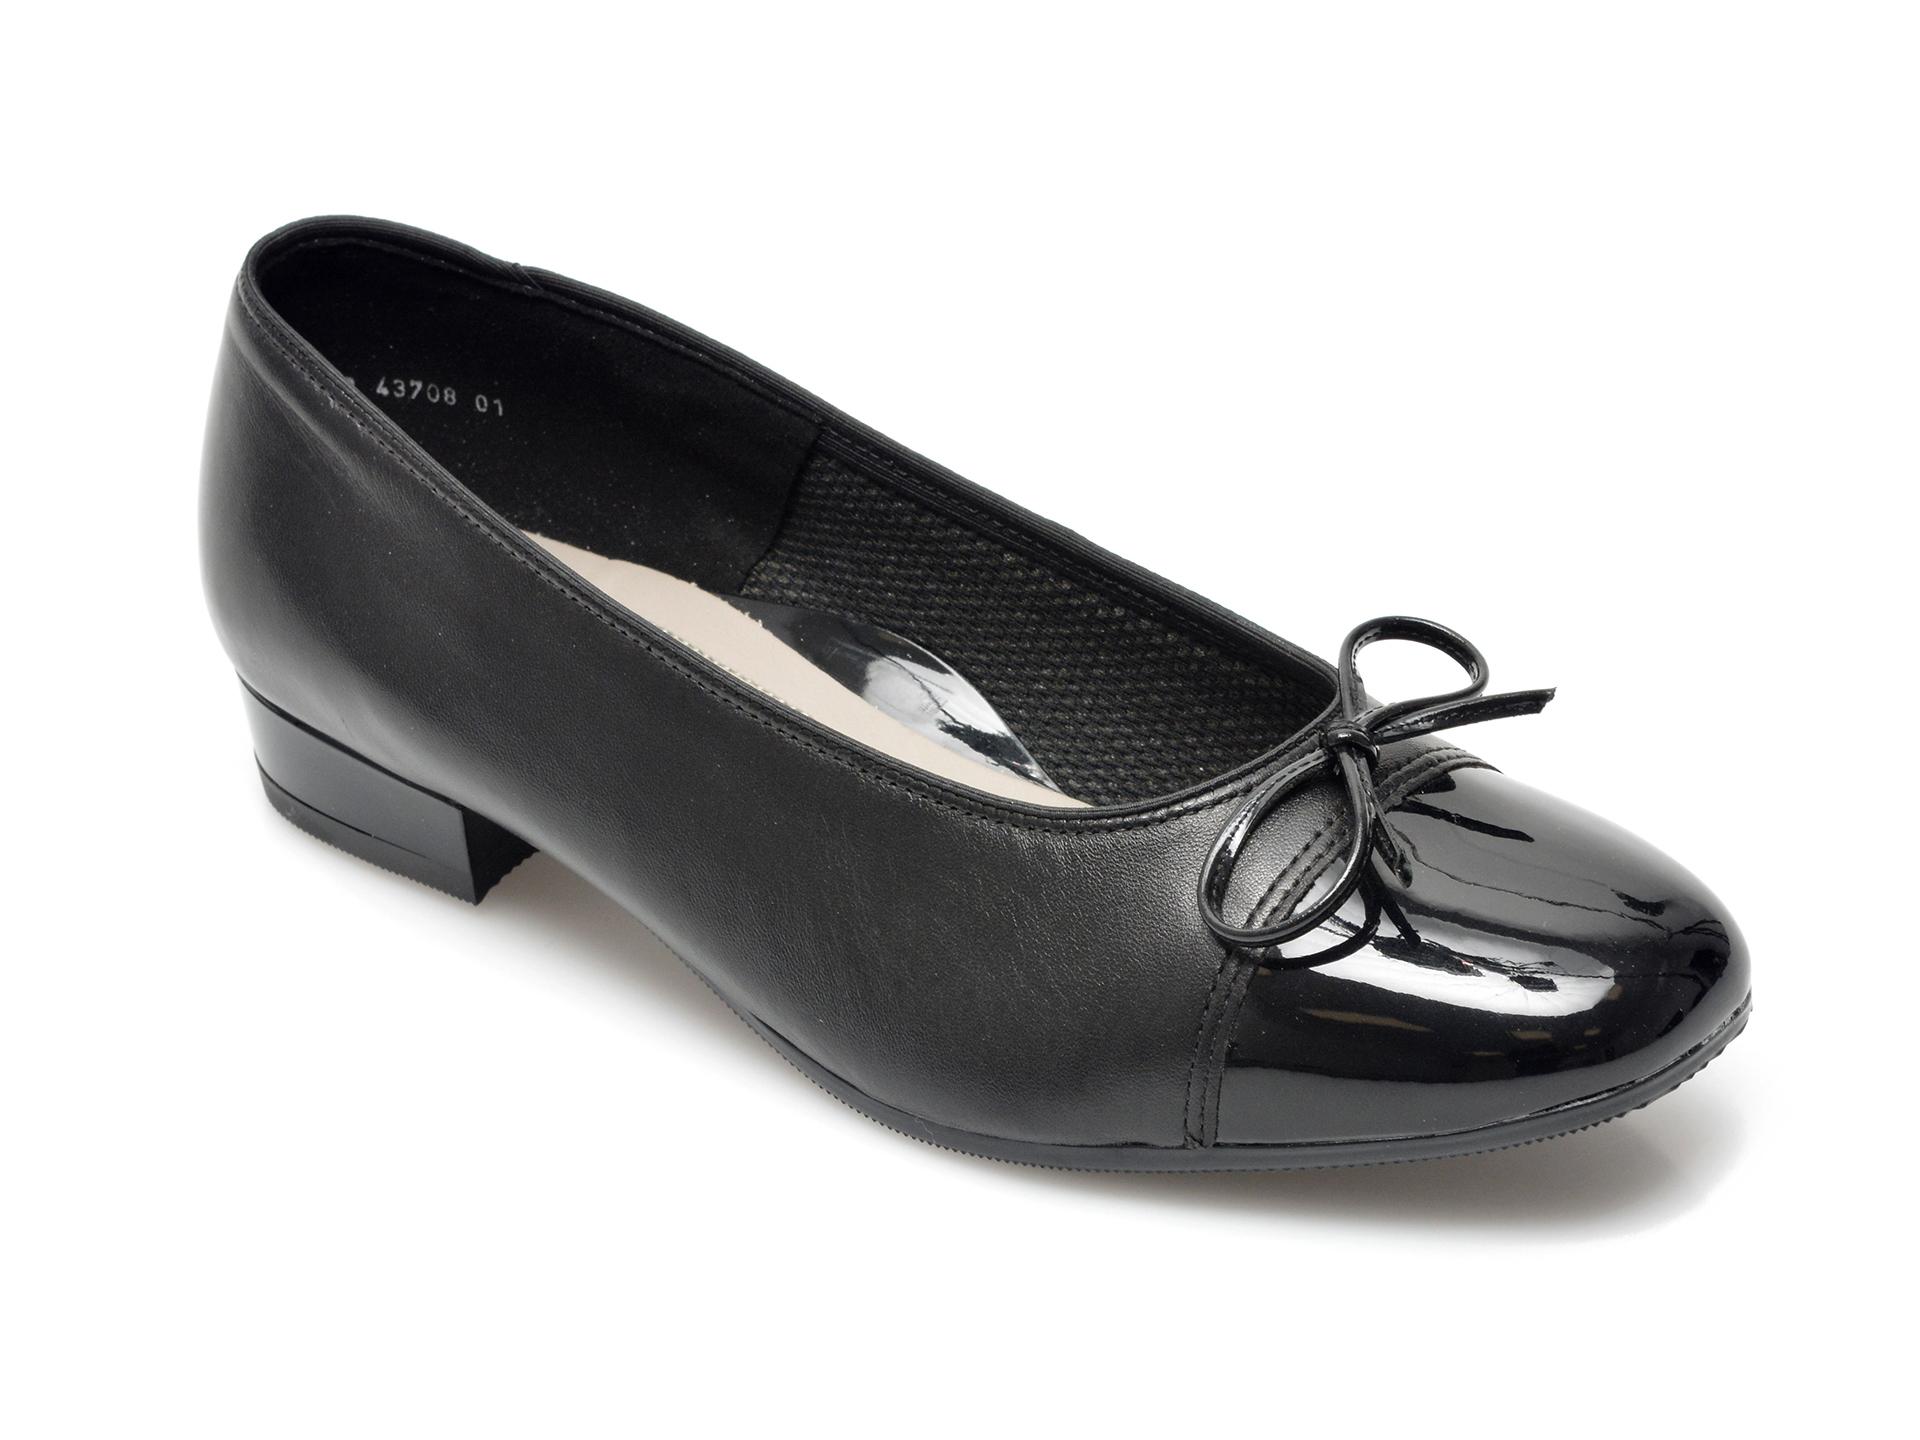 Balerini dama ARA, 43708, din piele naturala negri